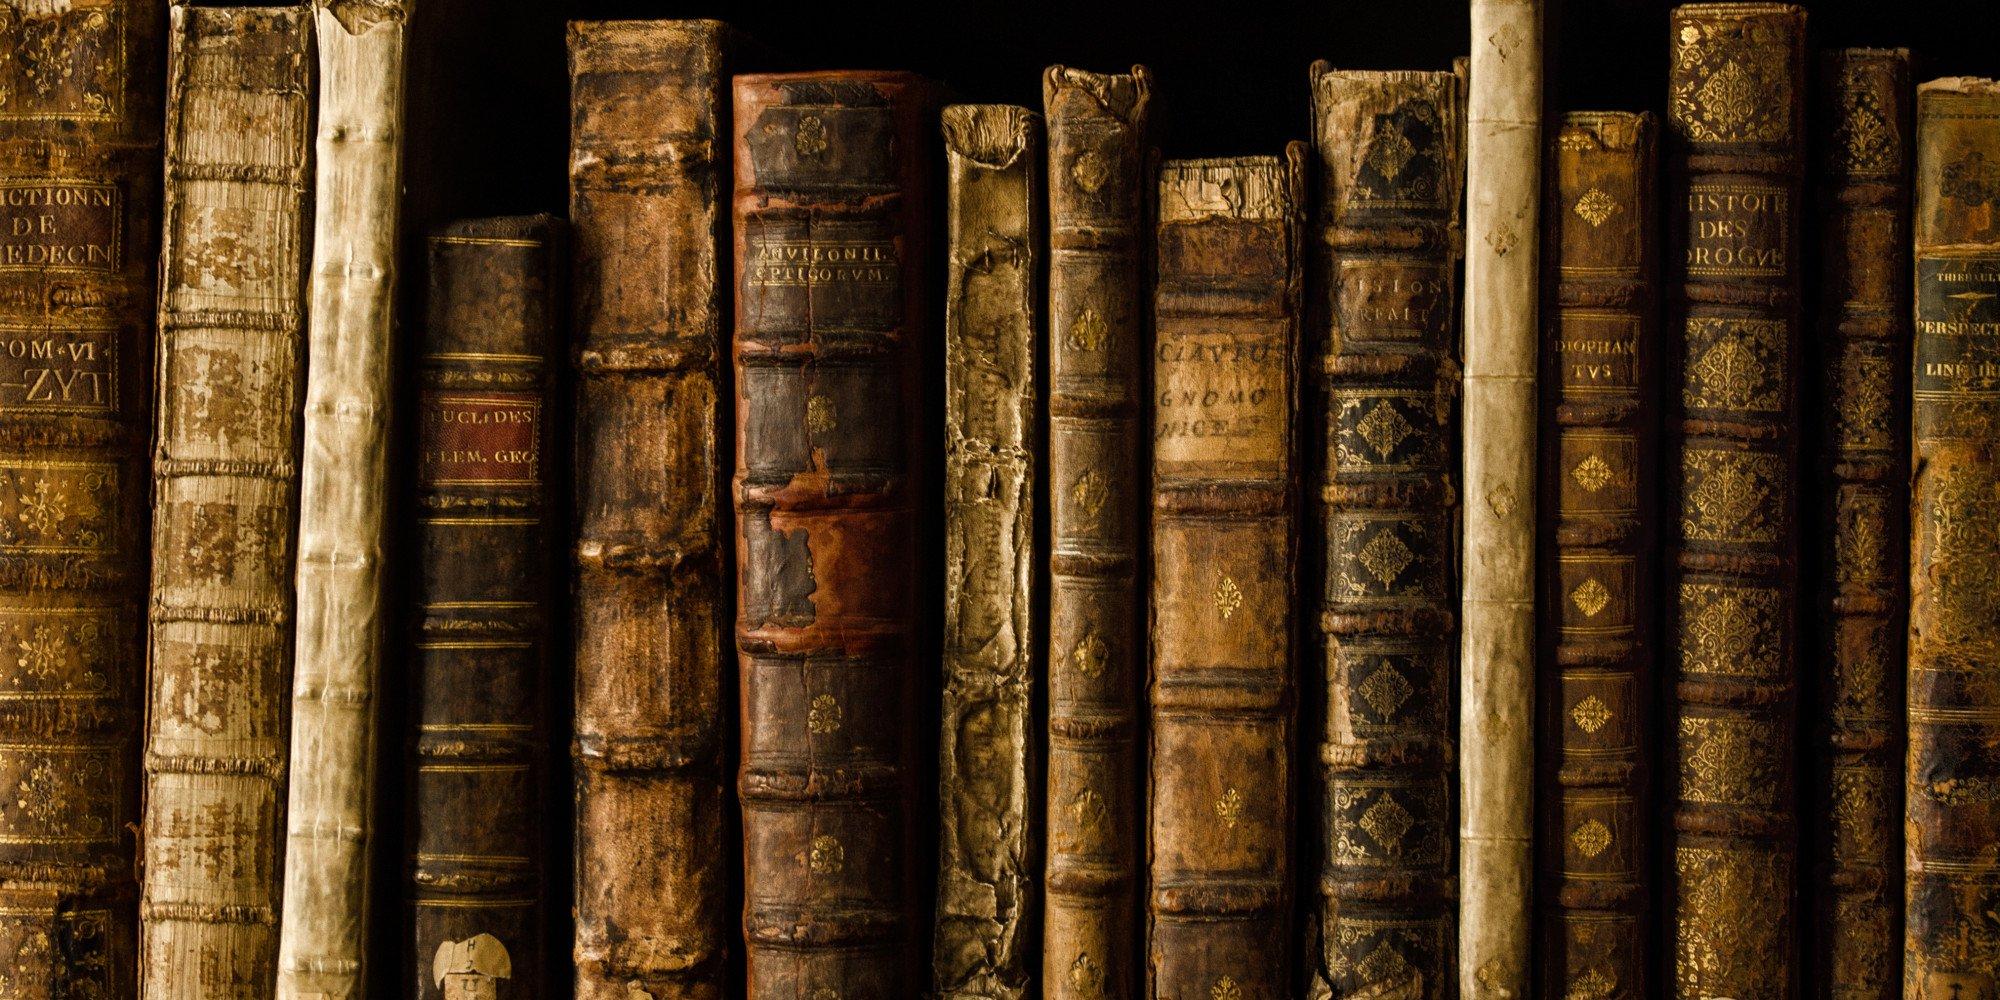 Вбиблиотеке вДании отыскали  отравленные ядом книги